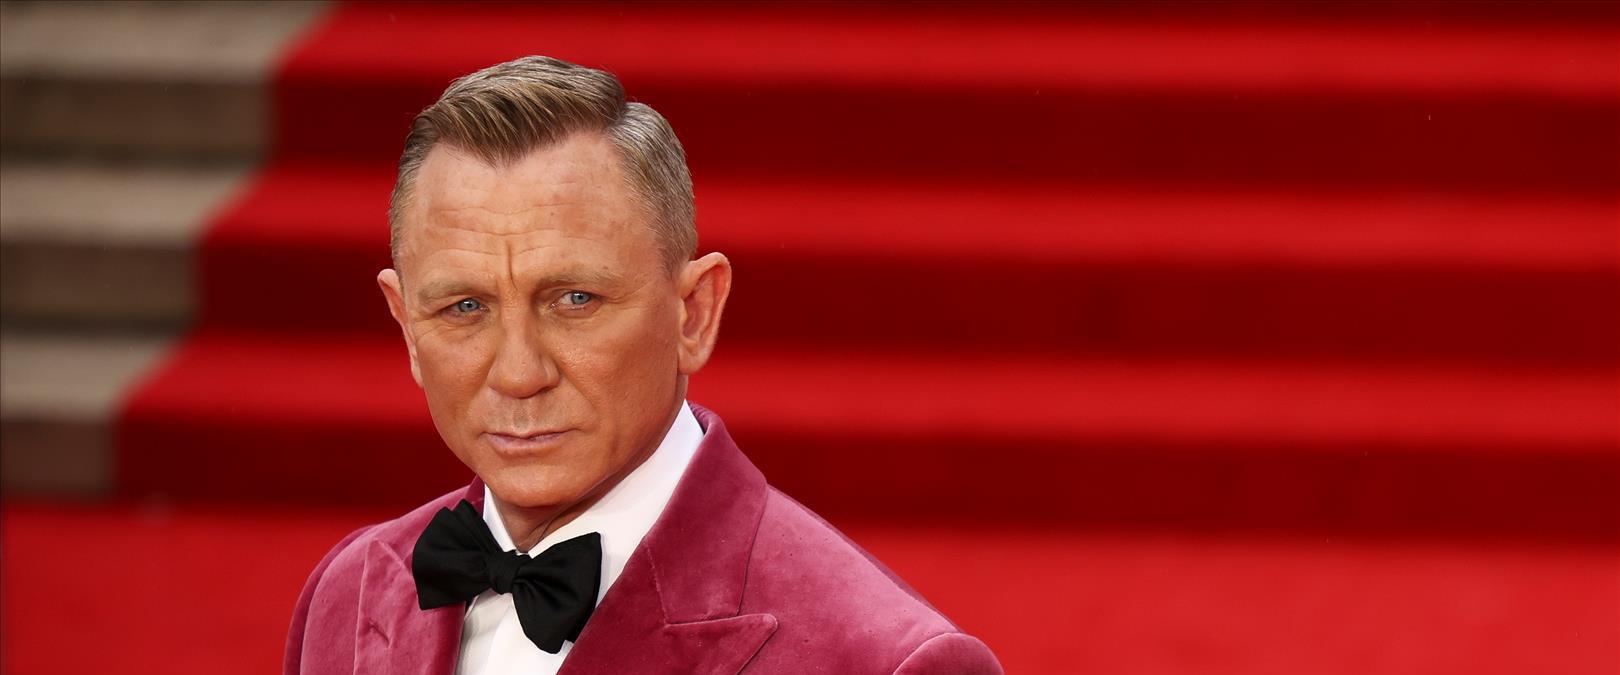 קרייג על השטיח האדום בלונדון, הלילה